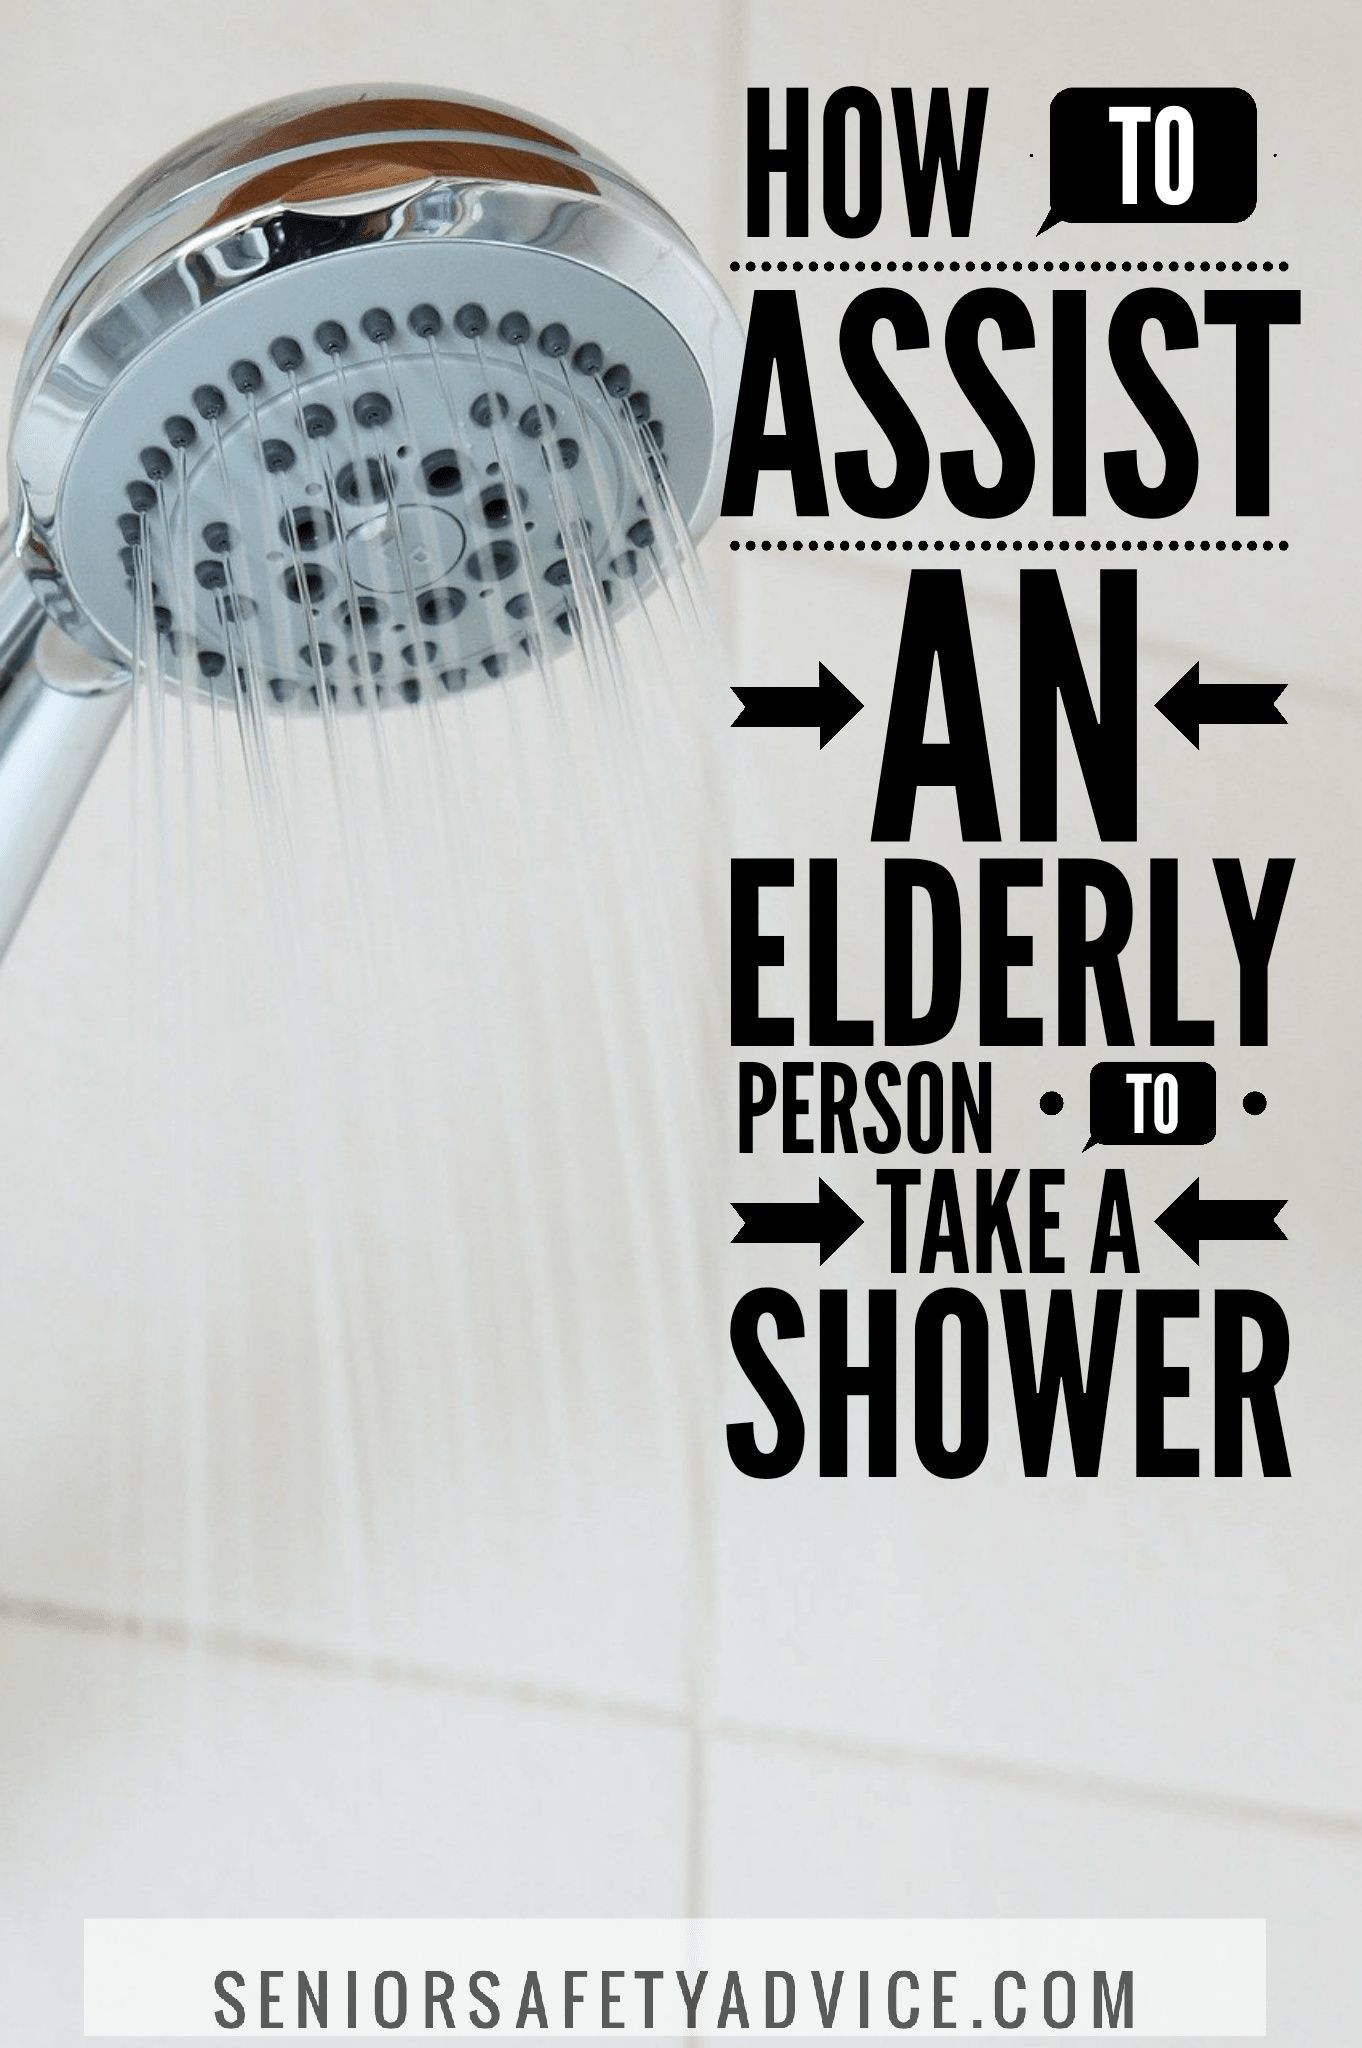 80 Bath Safety For Seniors Ideas In 2021 Bath Safety Handicap Bathroom Bathroom